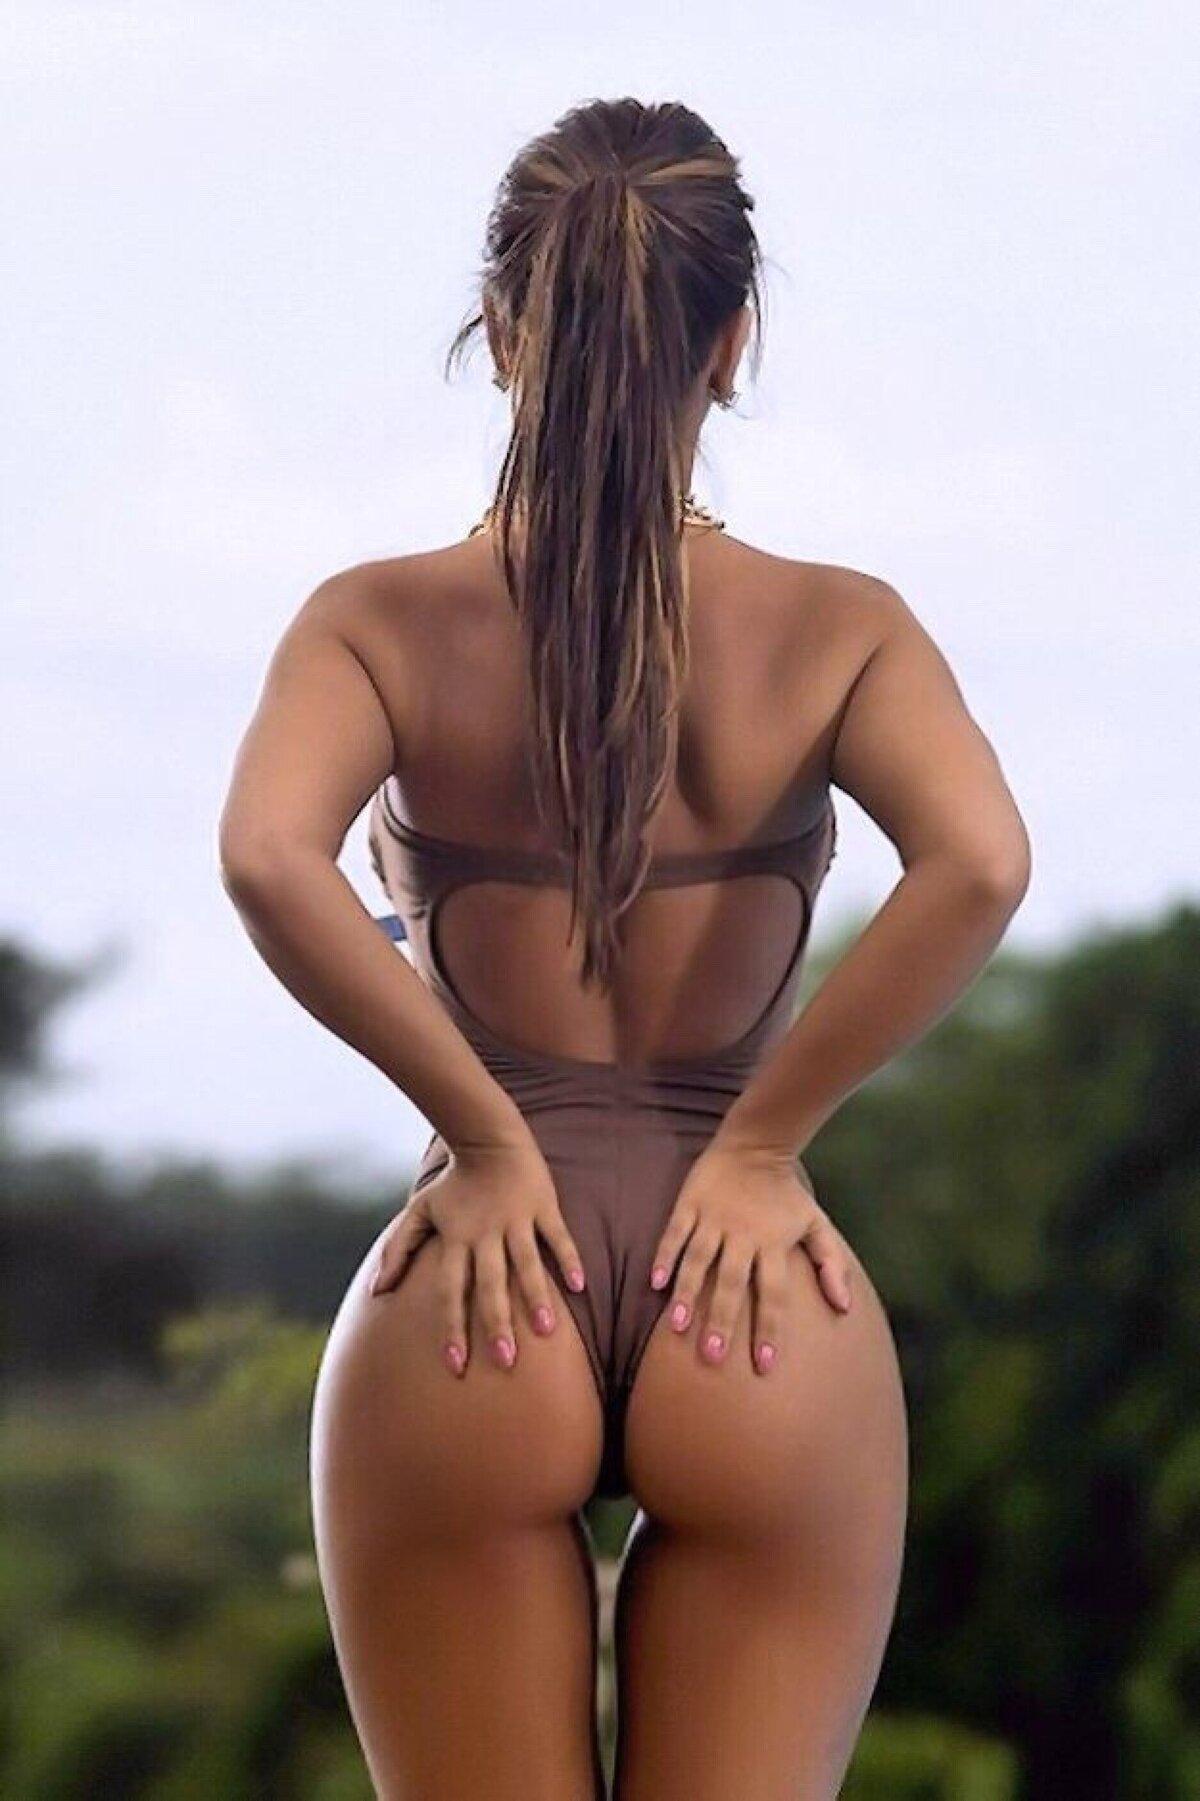 narisovanniy-devushki-s-krasivoy-grudyu-i-popkoy-v-bikini